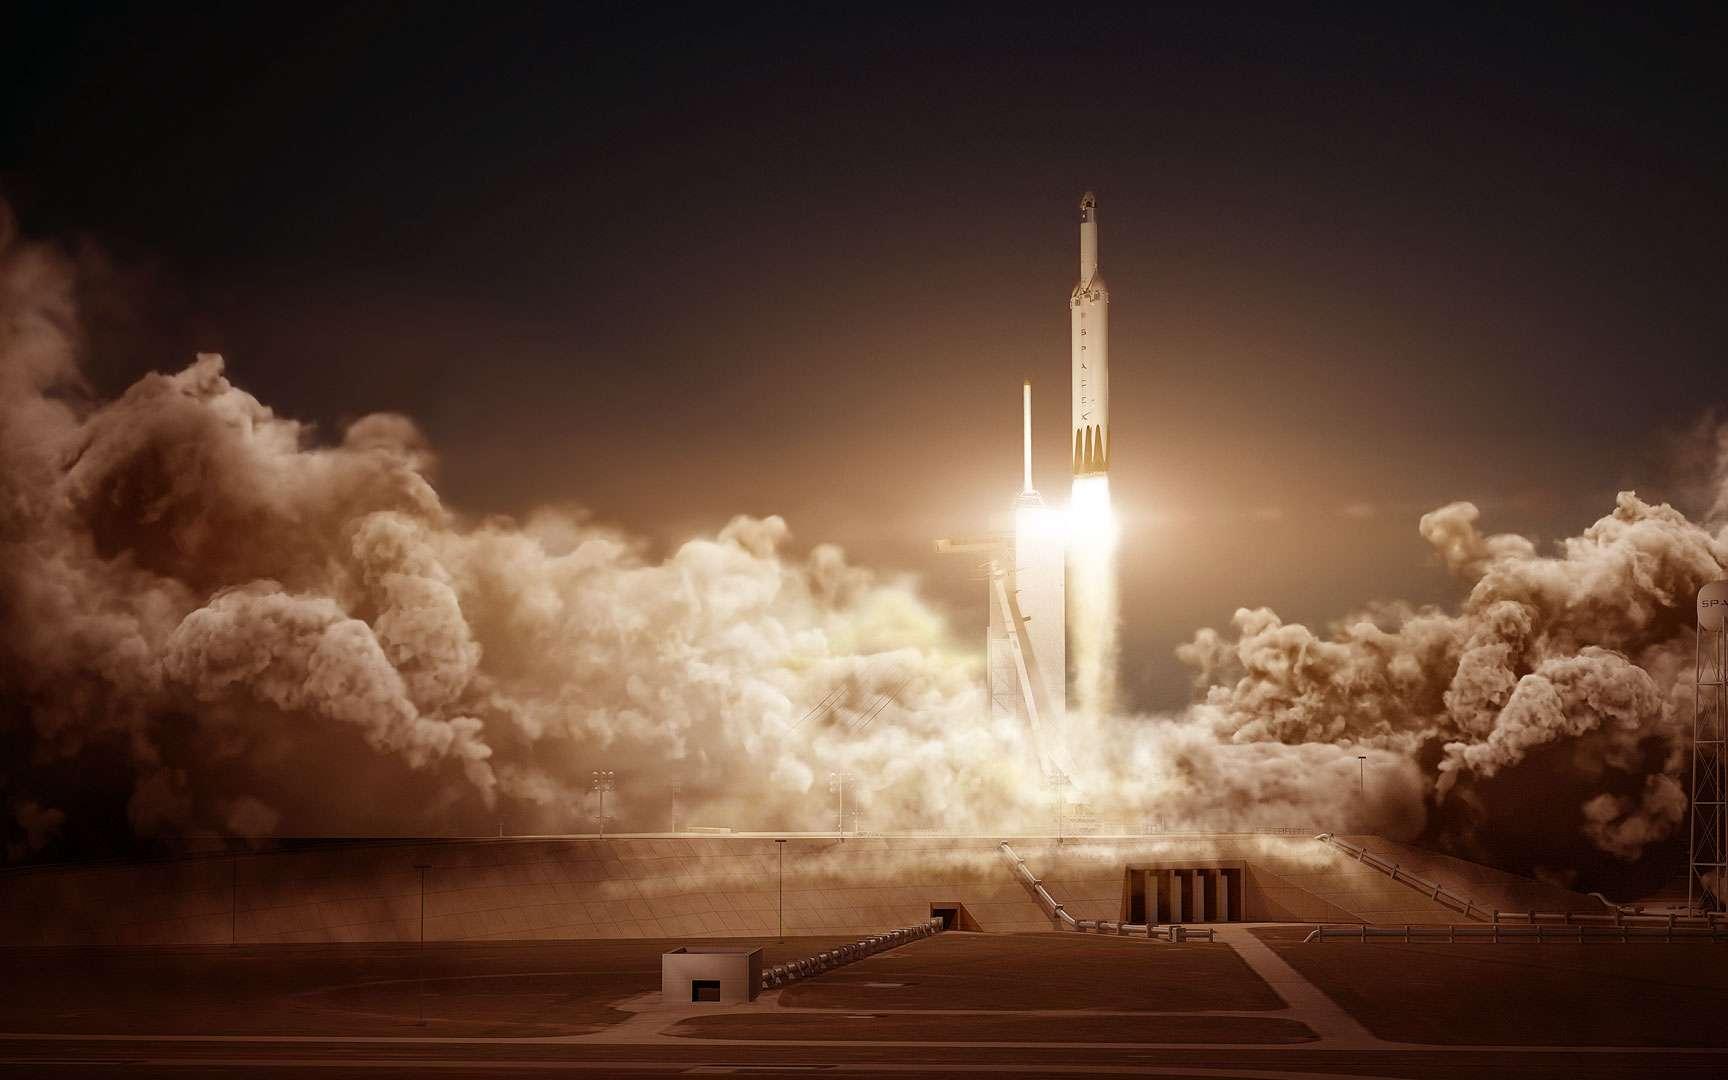 Delta IV Heavy. Décembre 2004, transfert de la Delta IV Heavy sur son pas de tir pour son premier tir de démonstration.